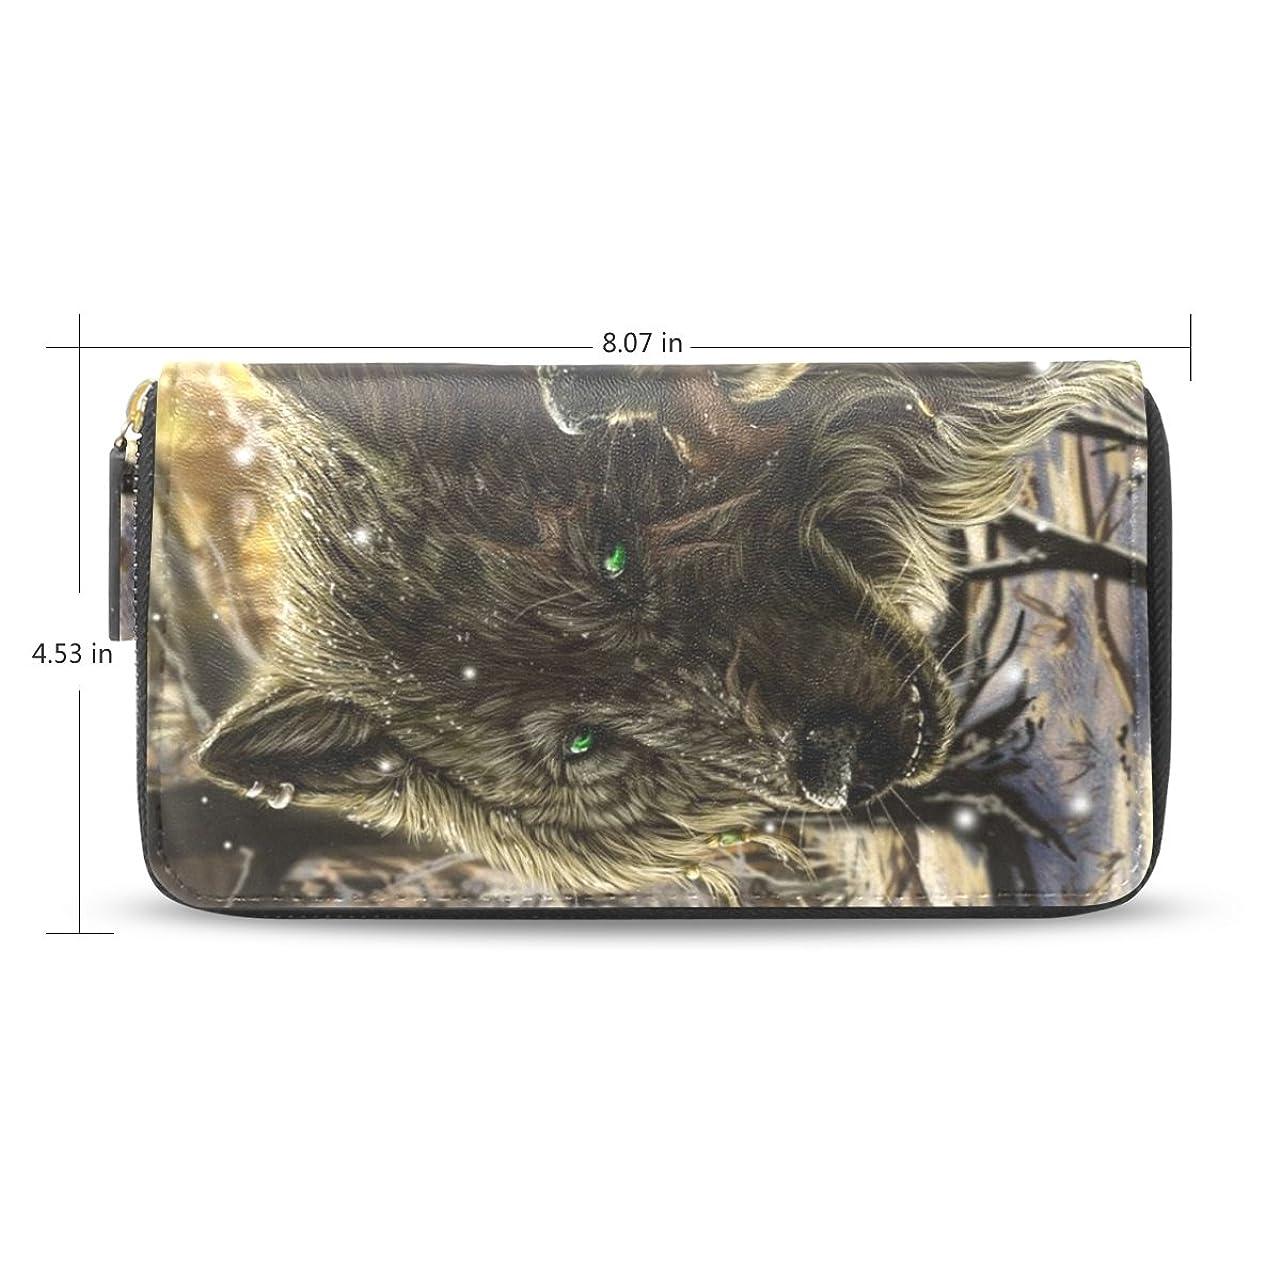 食品着飾る試みるレディースウルフパターン長財布&財布ケースカードホルダー